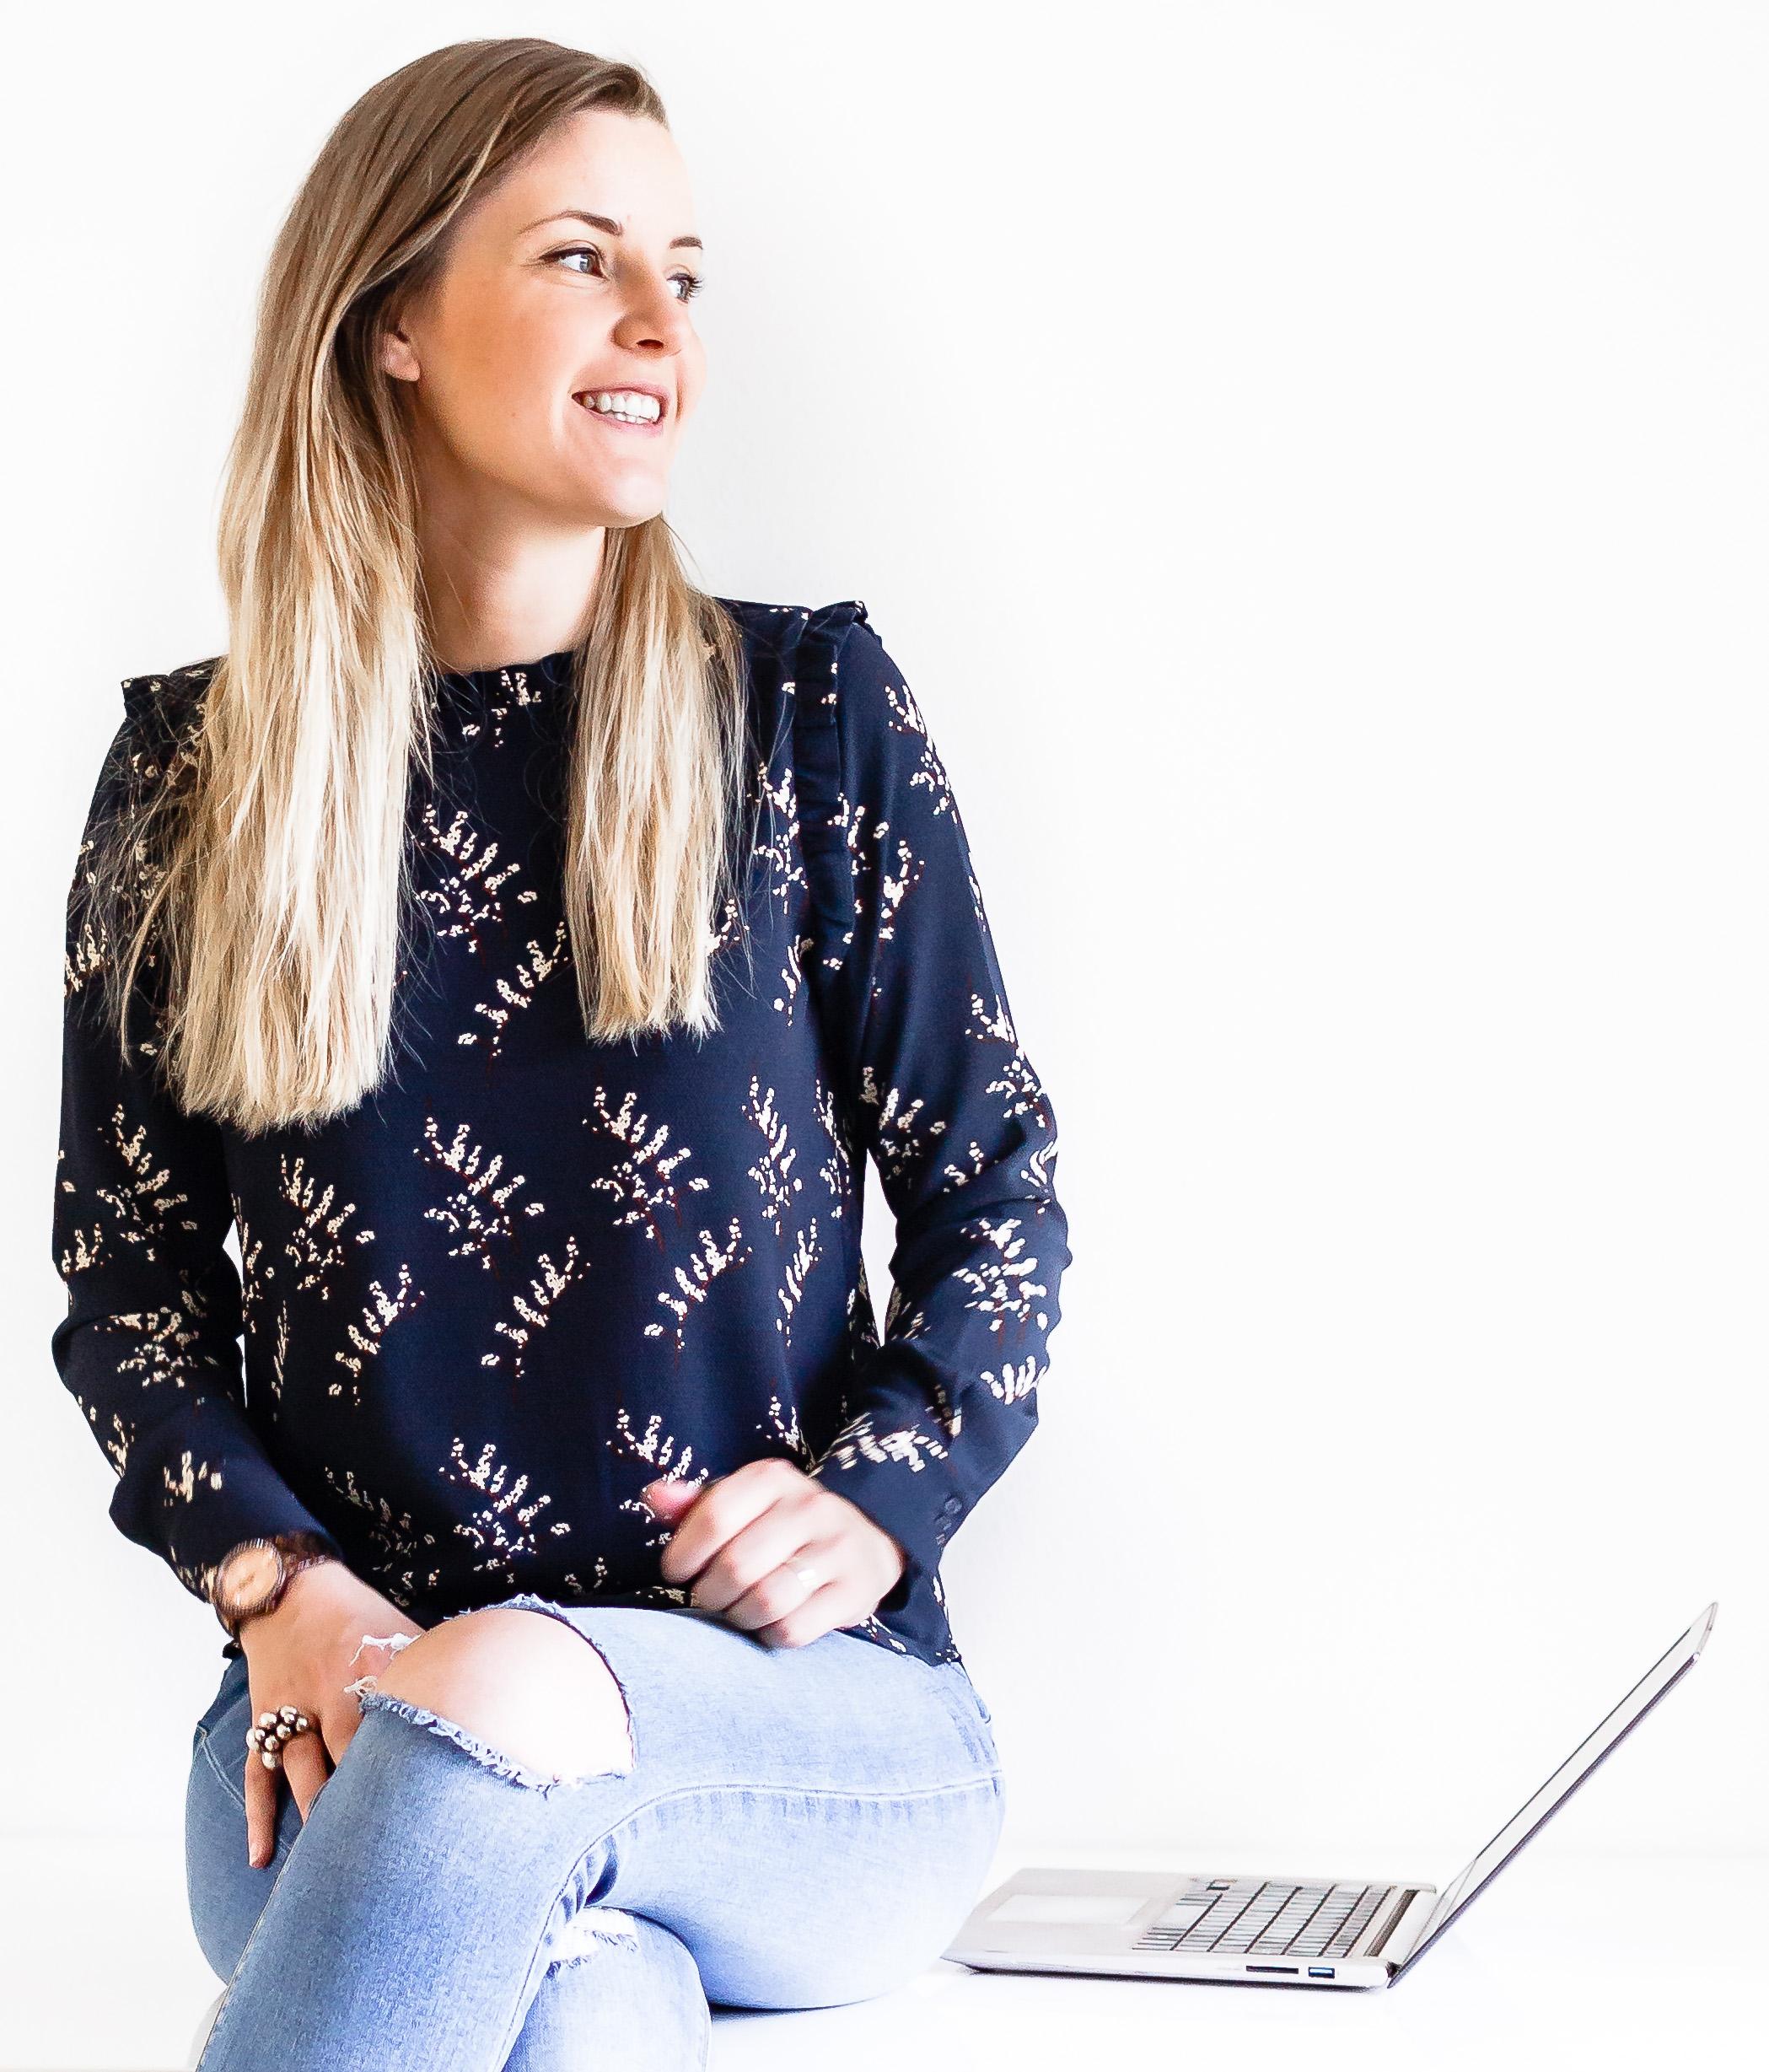 Hey, Jeg er Louise - En frederikshavner besat af internettet, som vendte en blogspot-madblog til et solopreneur-empire.Nu viser jeg dig alle mine hemmeligheder, strategier og teknikker, så du også kan rocke din del af internettet. Min mission er at guide dig gennem at starte, opbygge og drive din blog, brand og business, så du kan skabe det liv, du drømmer om.Grib en kop kaffe og lad os suse fuld fart frem.